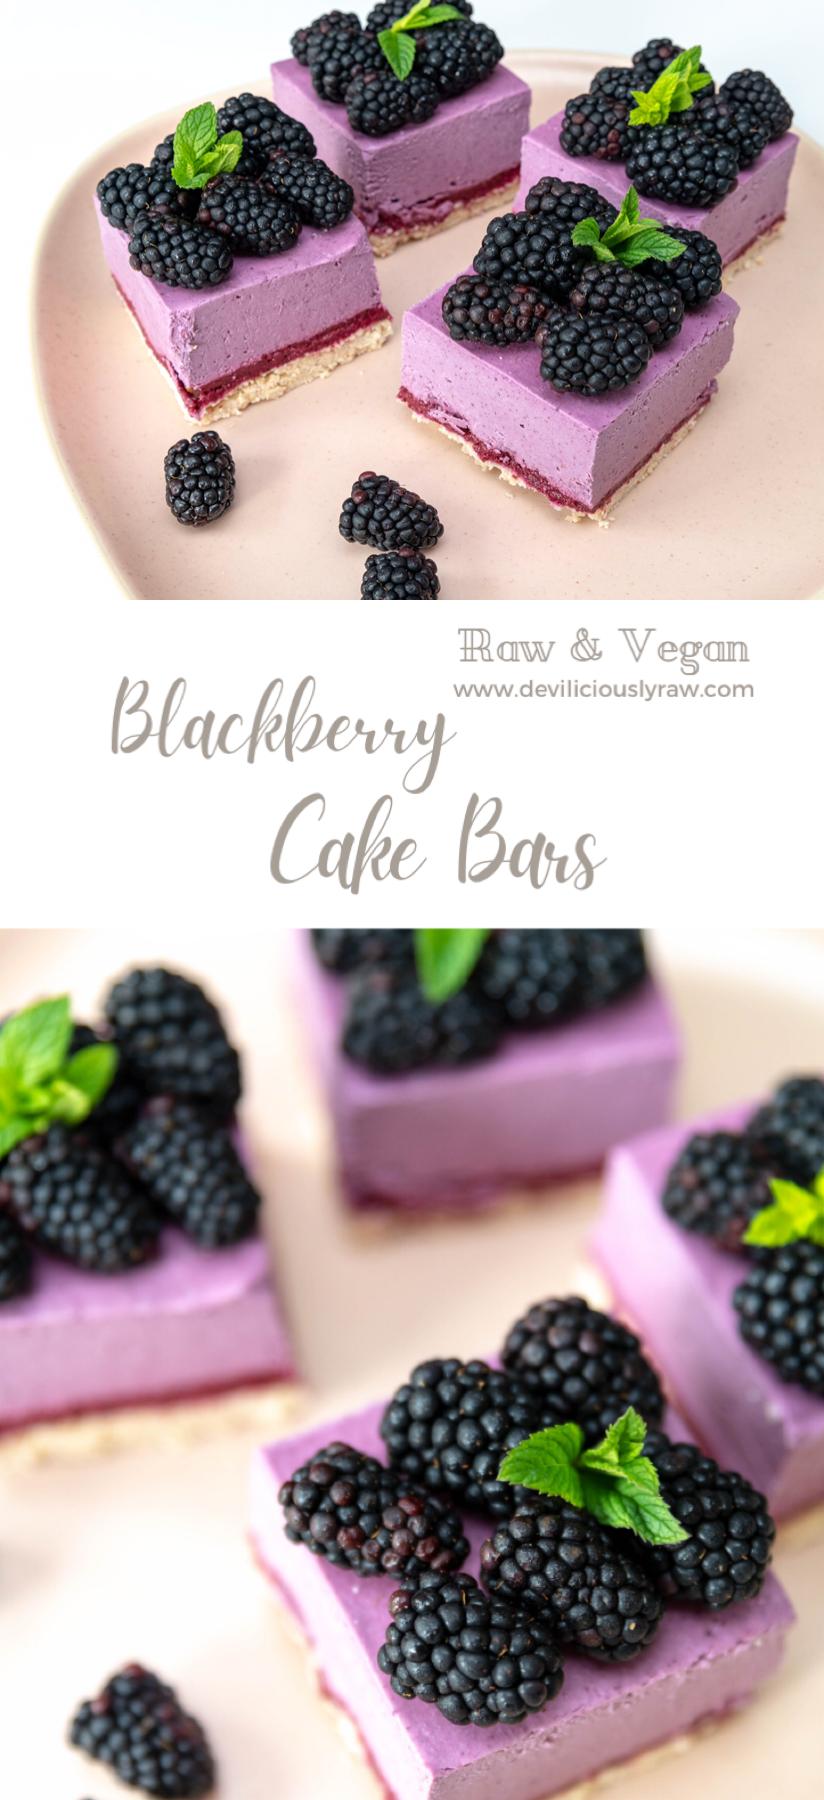 Blackberry Cake Bars